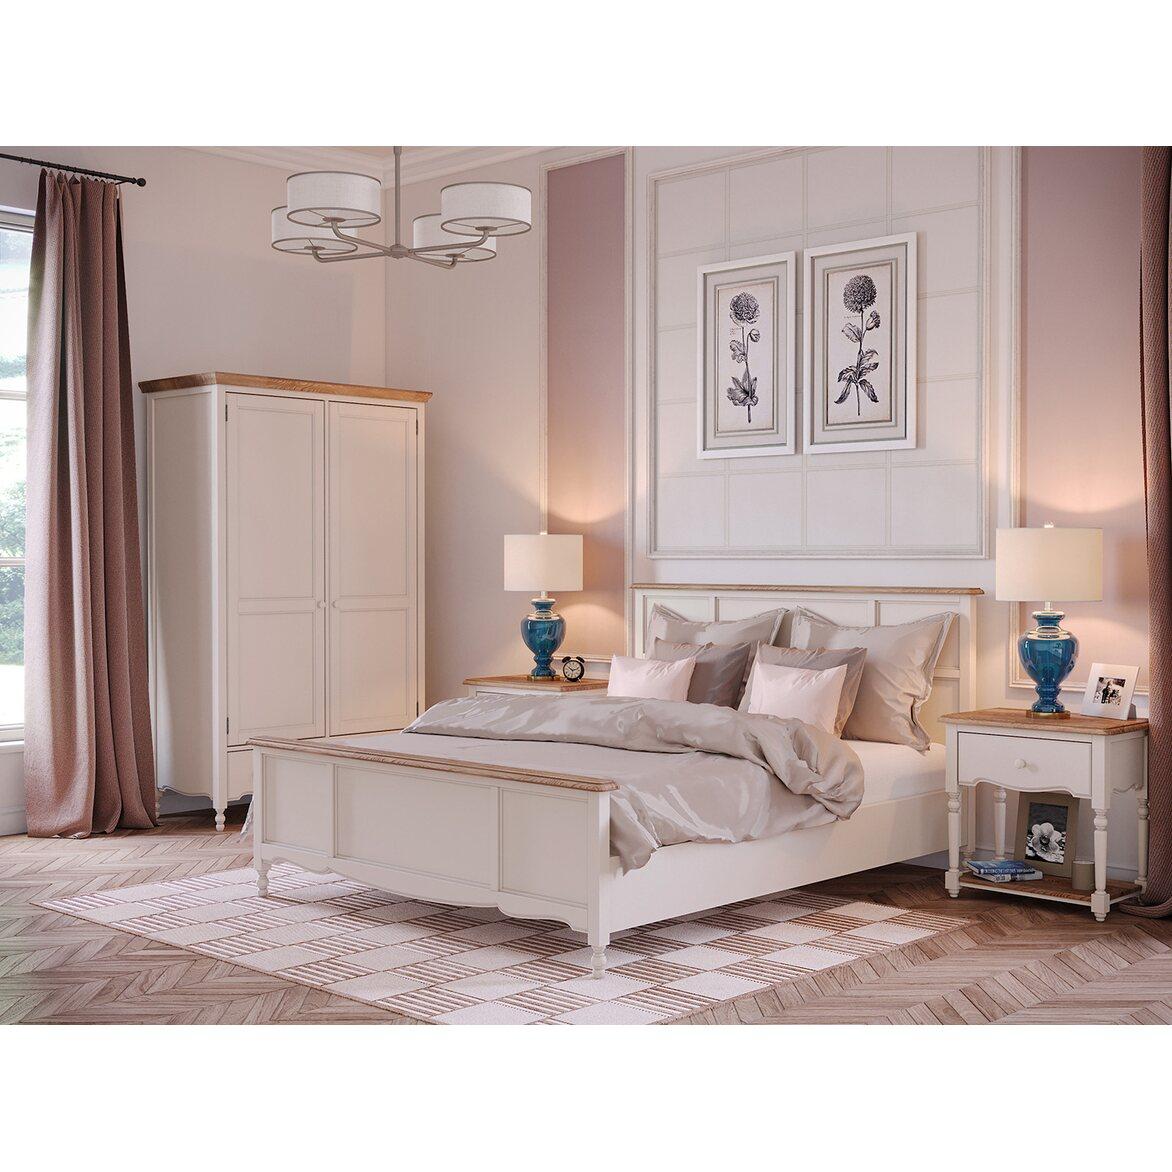 Кровать односпальная 120*200 Leblanc, бежевая 3 | Односпальные кровати Kingsby